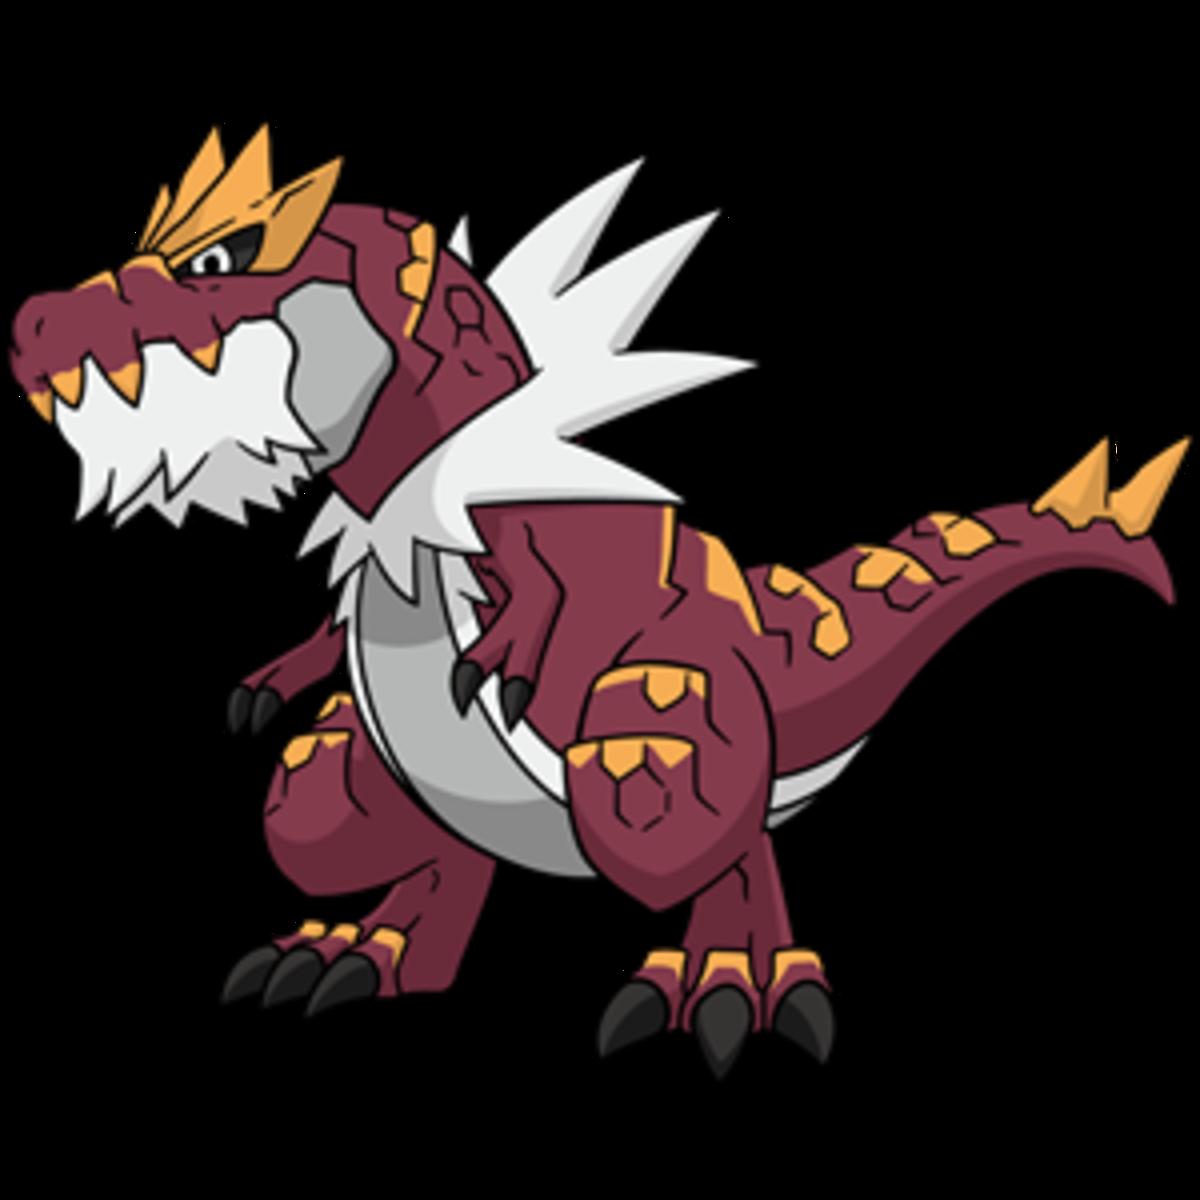 """Tyrantrum, the """"Despot"""" Pokémon"""